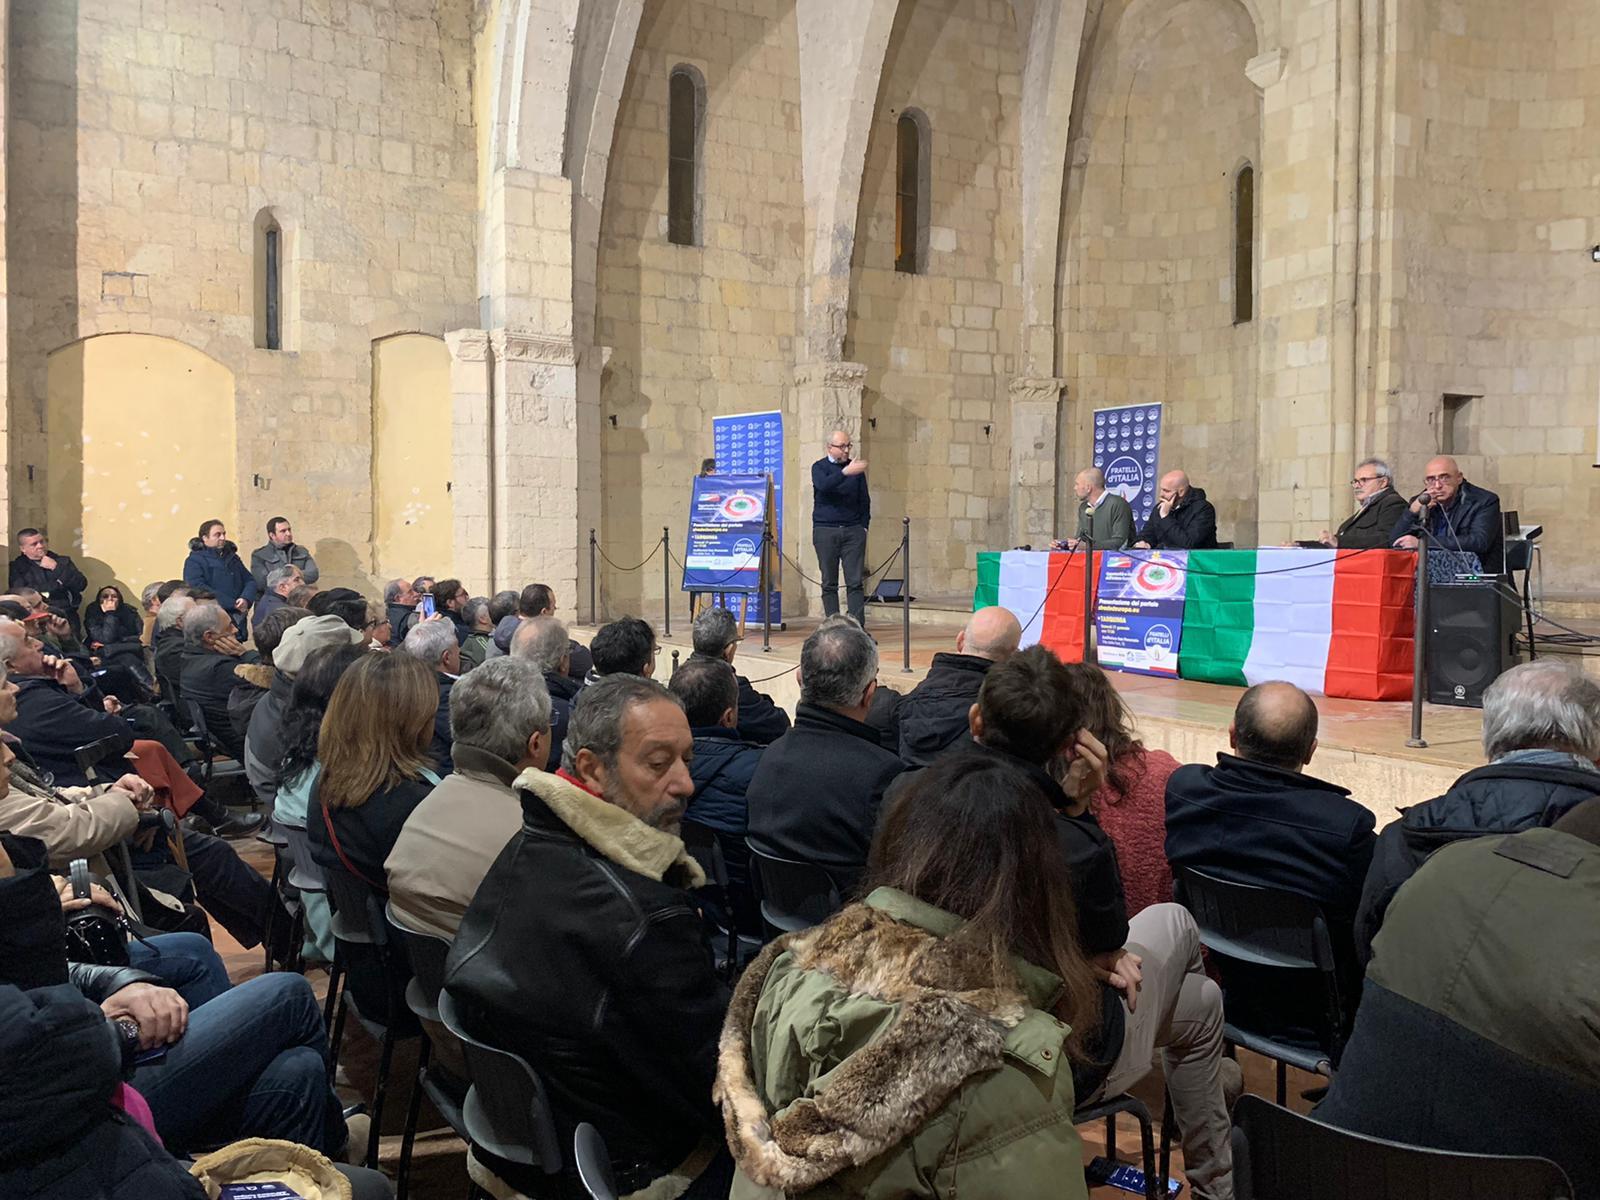 GRANDE PARTECIPAZIONE ALL'INCONTRO DI FRATELLI D'ITALIA A TARQUINIA